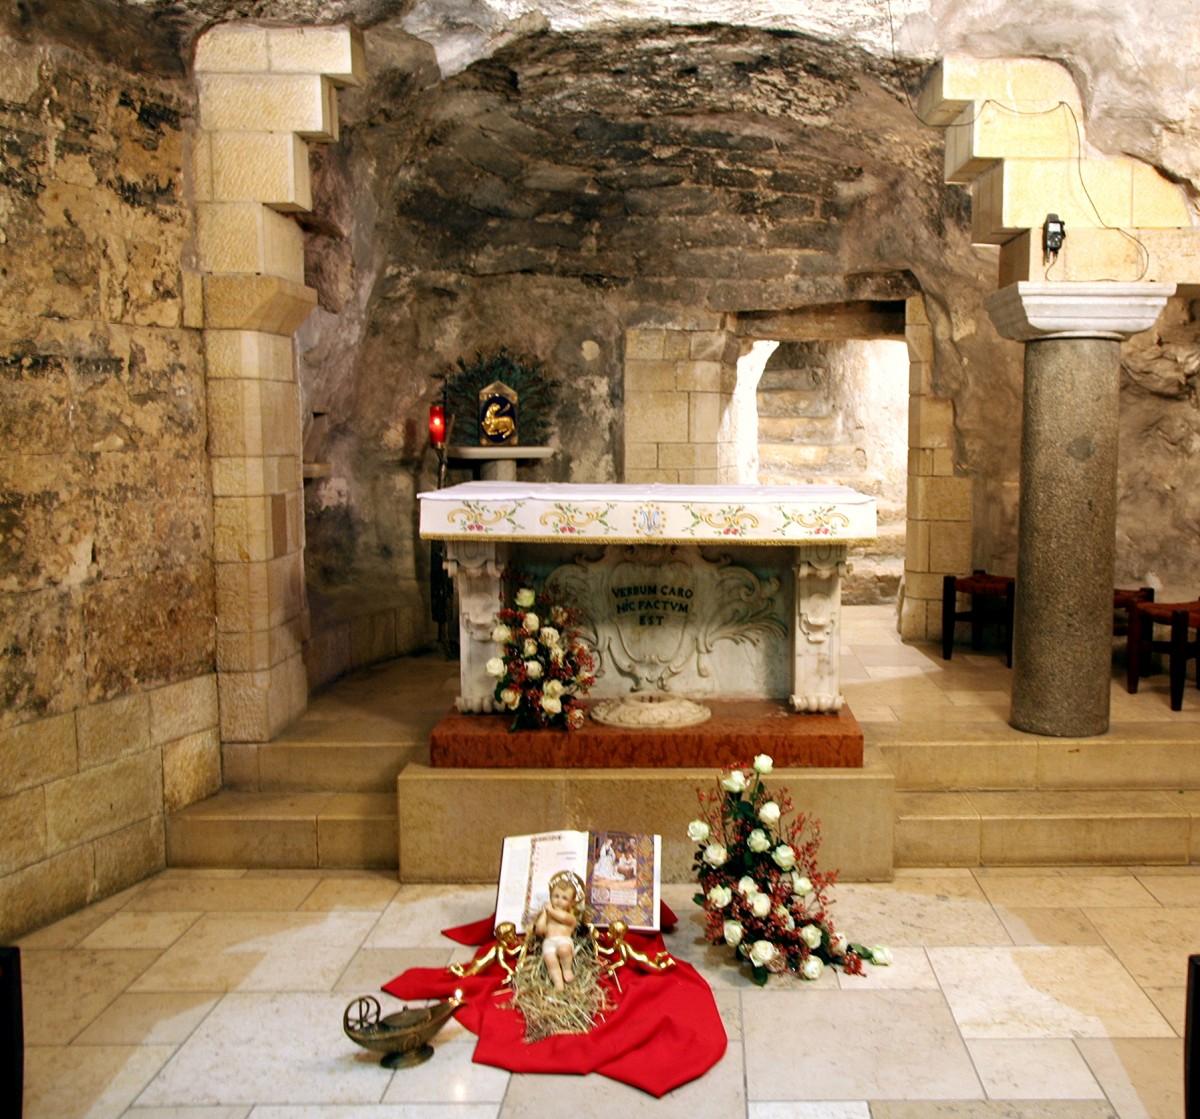 Zdjęcia: Bazylika Zwiastowania, Nazaret, Grota Zwiastowania, IZRAEL